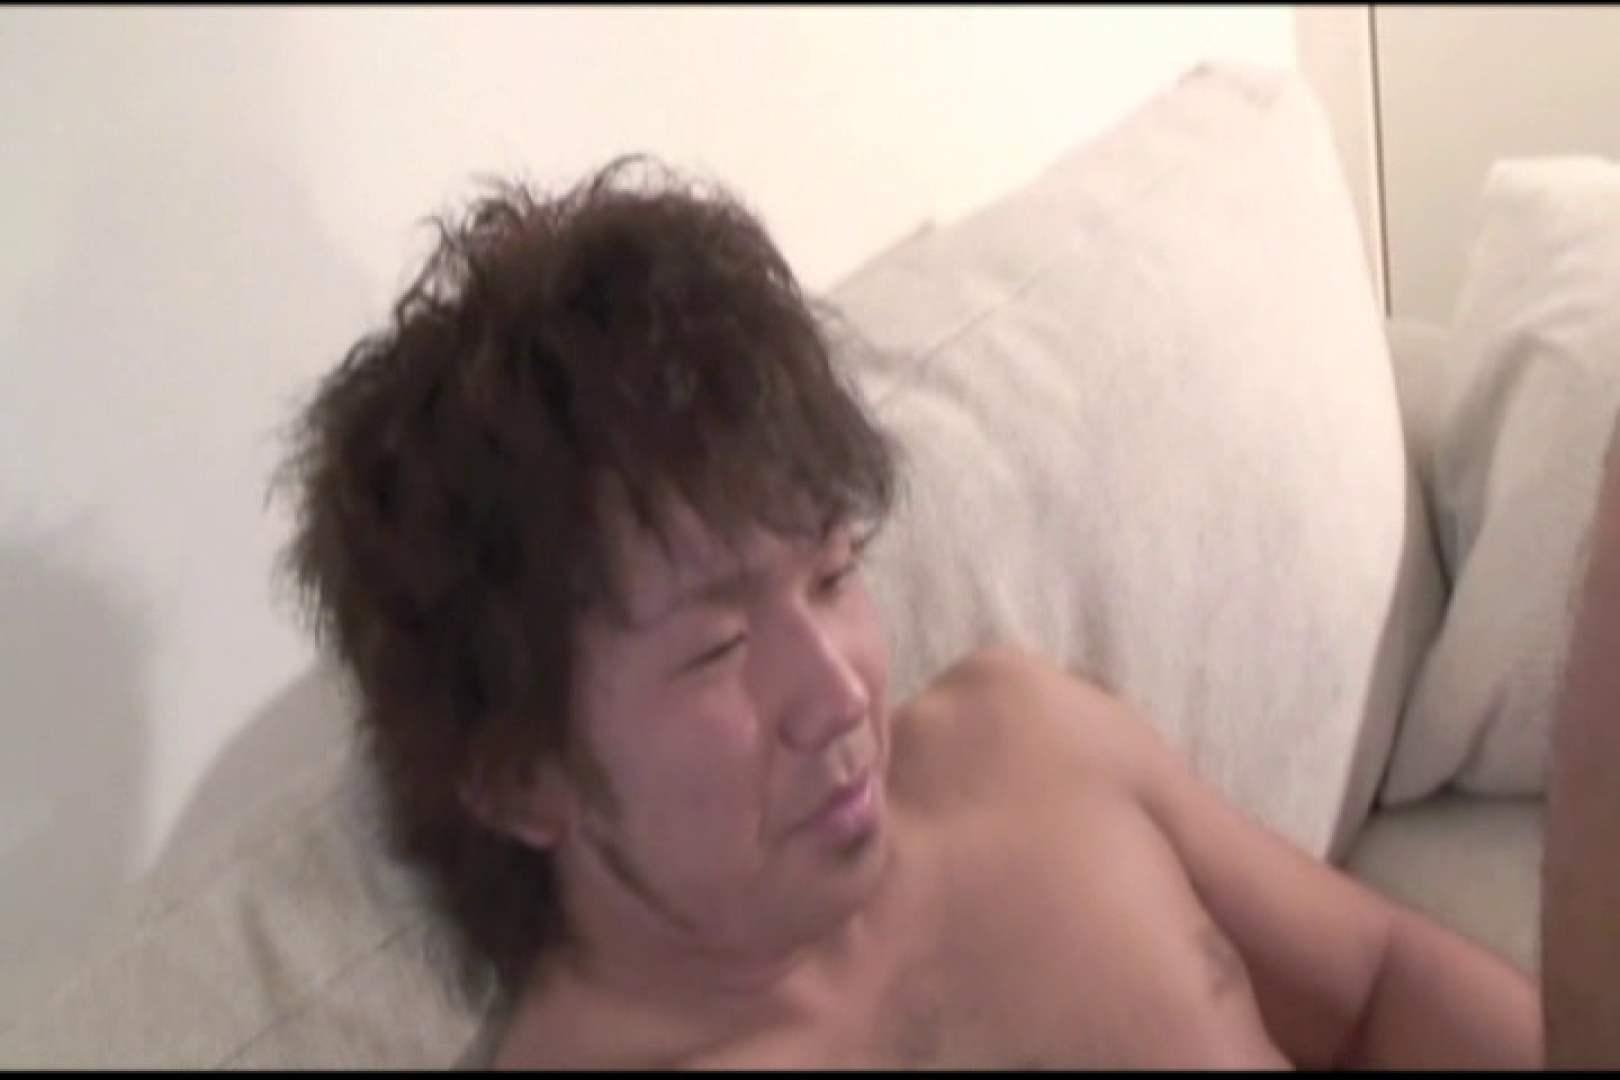 アヘ顔が最高!アナル中毒VOL.04 手コキ | アヘ顔  78pic 43